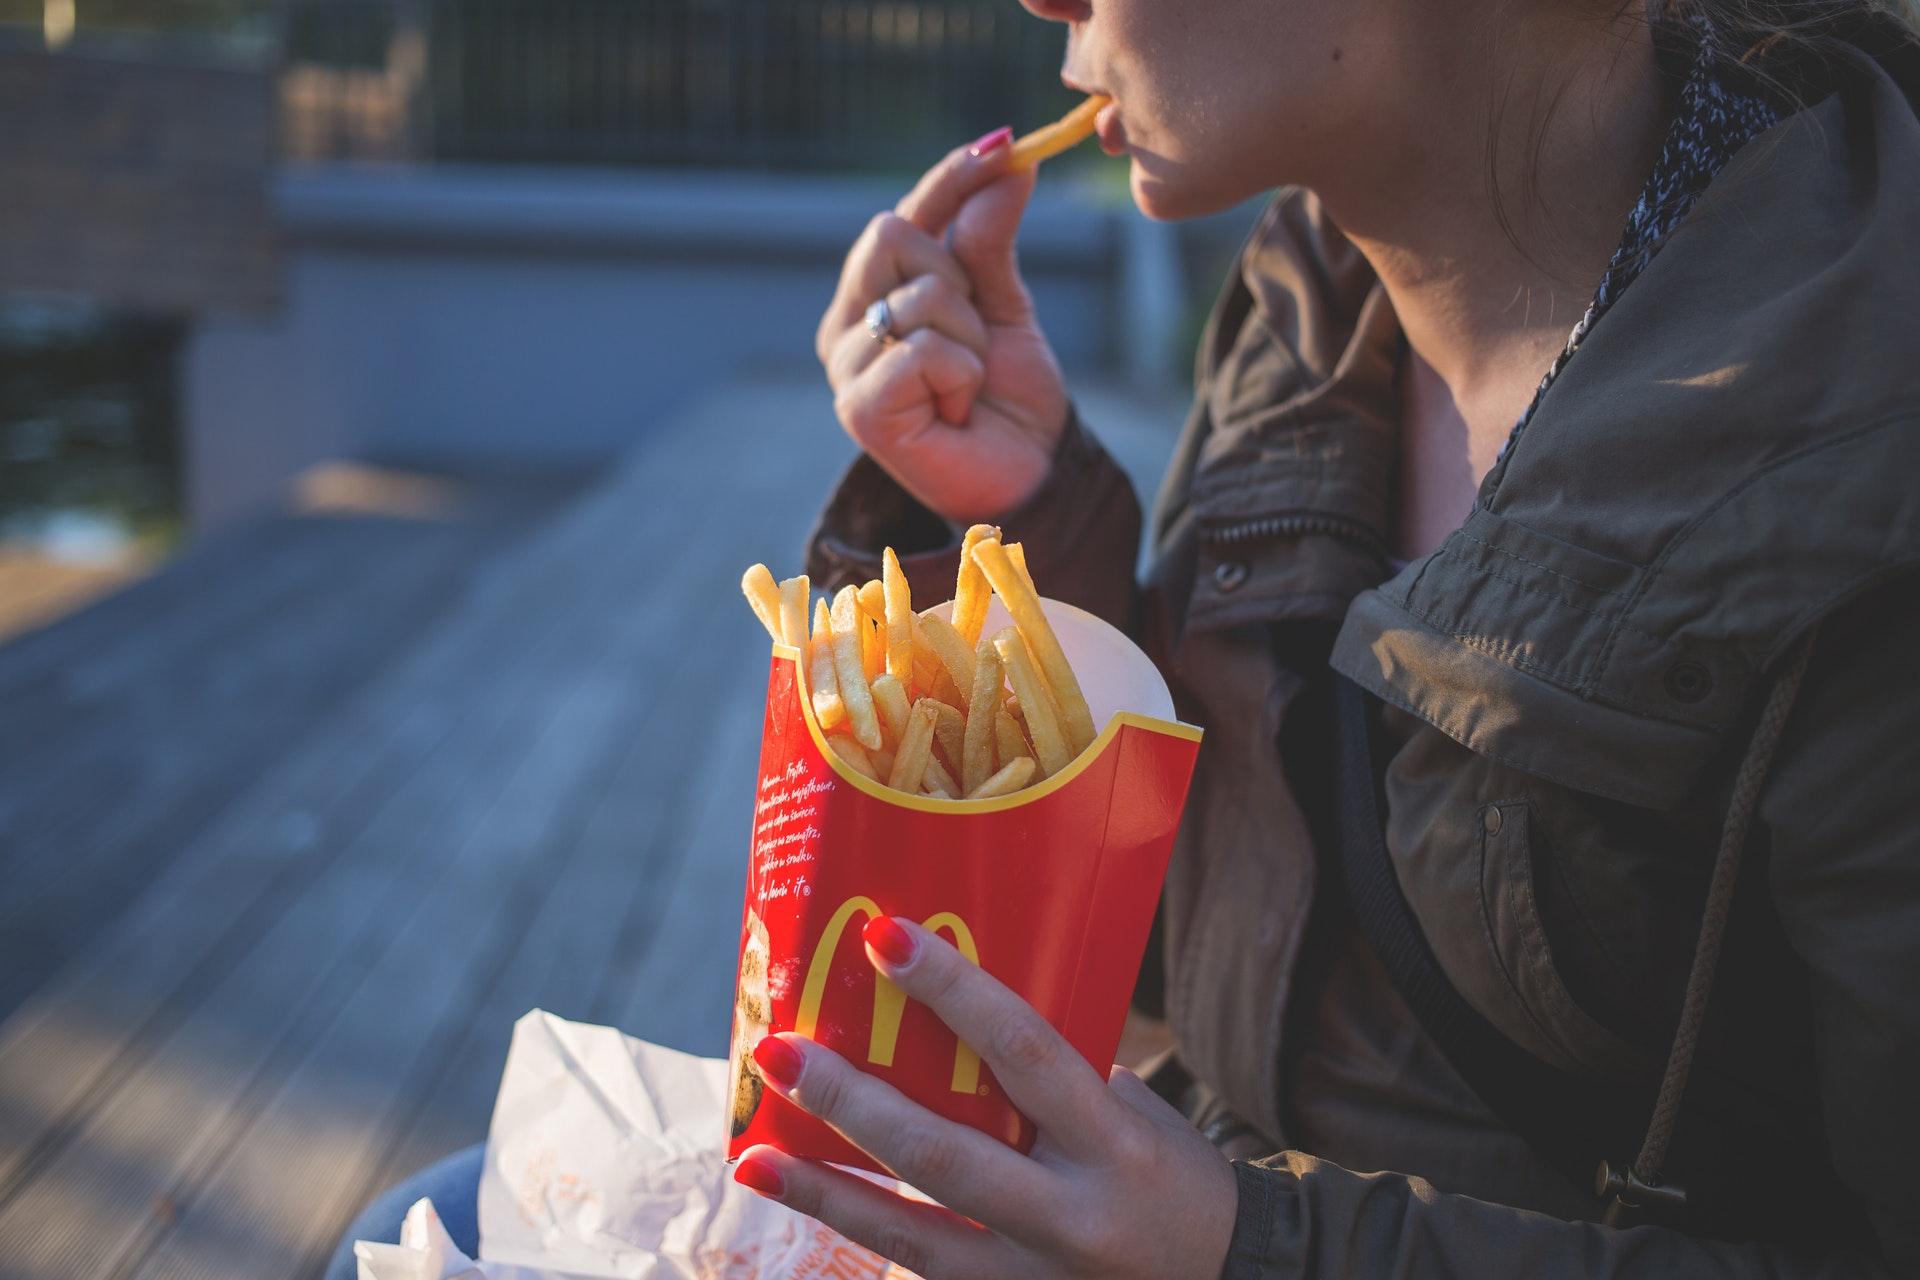 Imagem de uma pessoa com um pacote de batata fritas com a marca do Mcdonald´s.